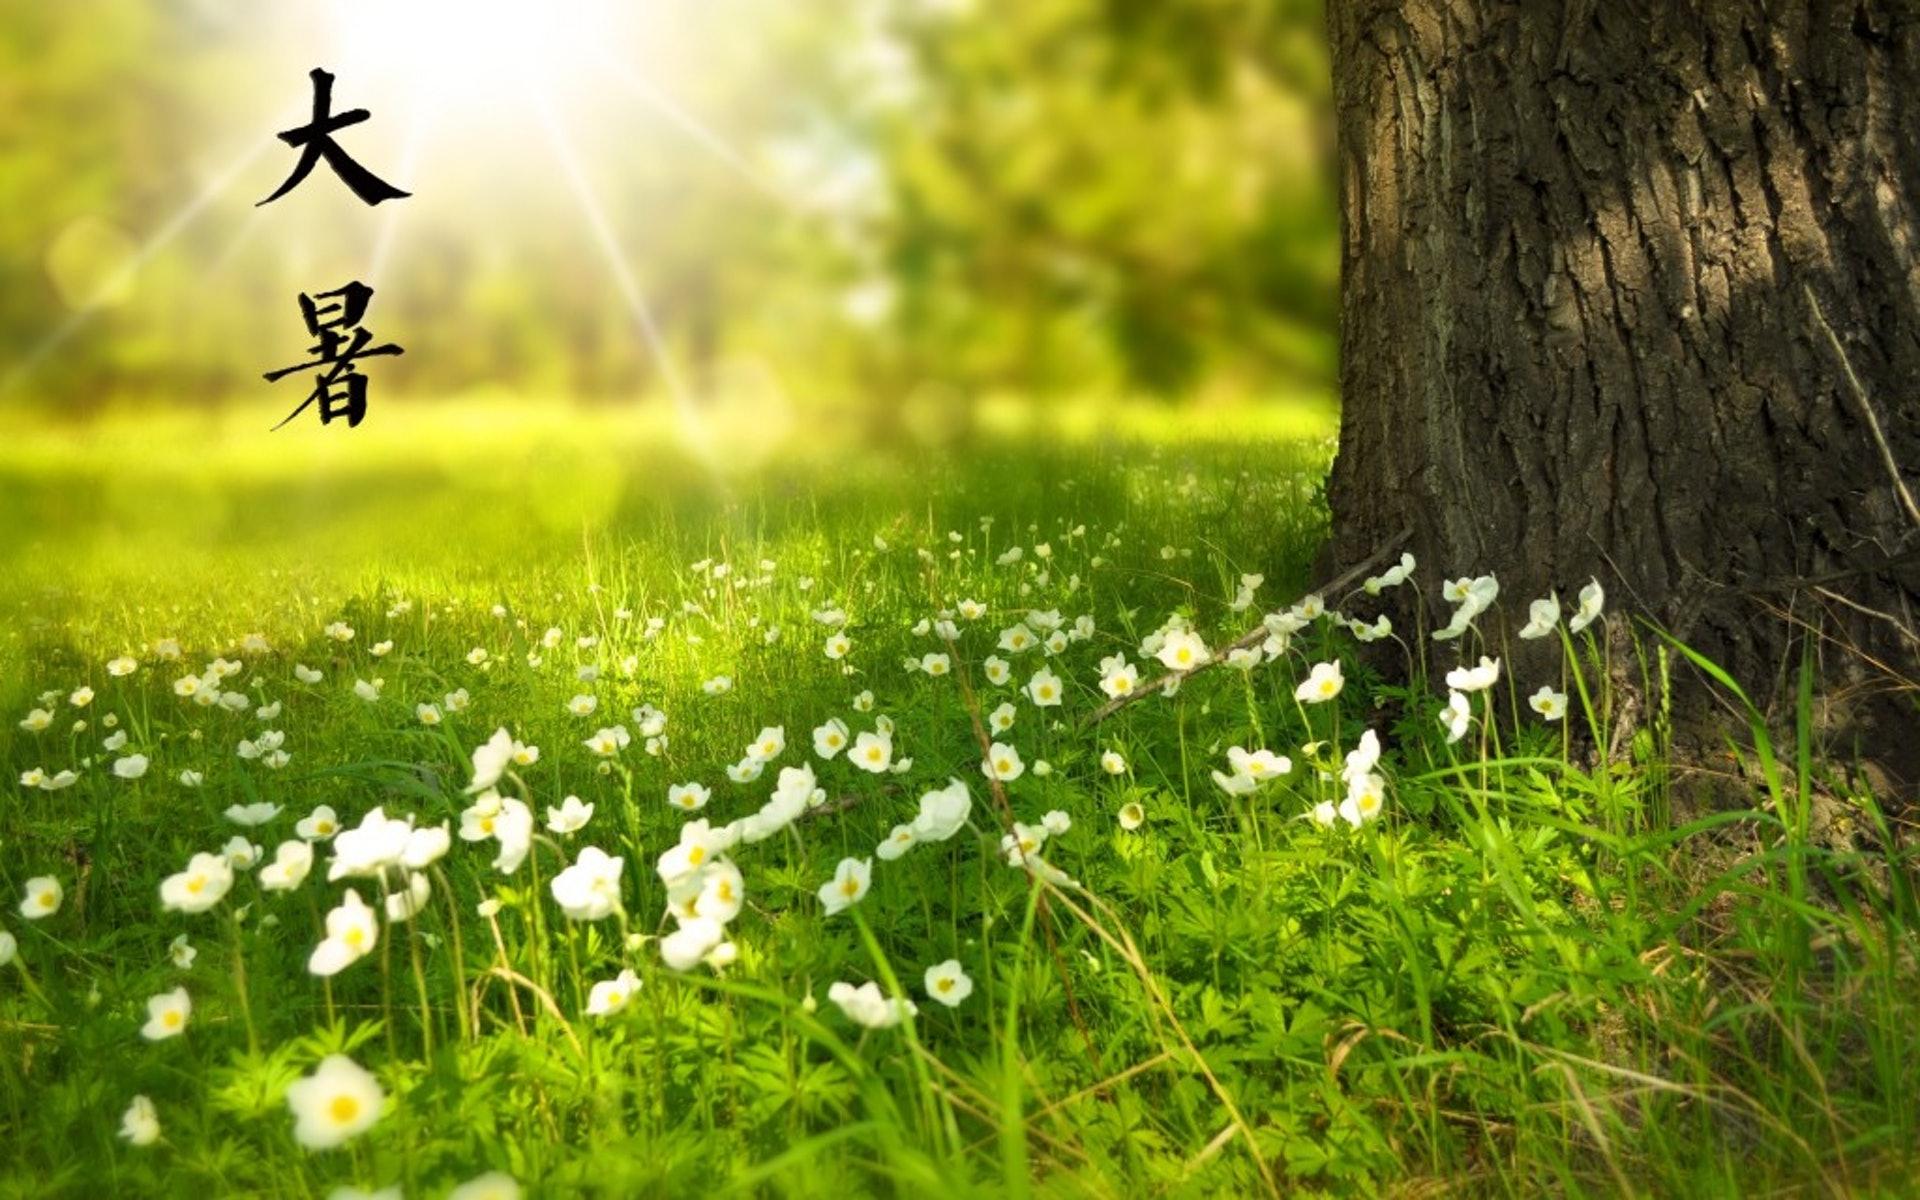 《月令七十二候集解》記載:「暑,熱也,就熱之中分為大小,月初為小,月中為大,今則熱氣猶大也。」可見大暑表示天氣炎熱至極。(圖片:keaitupian)